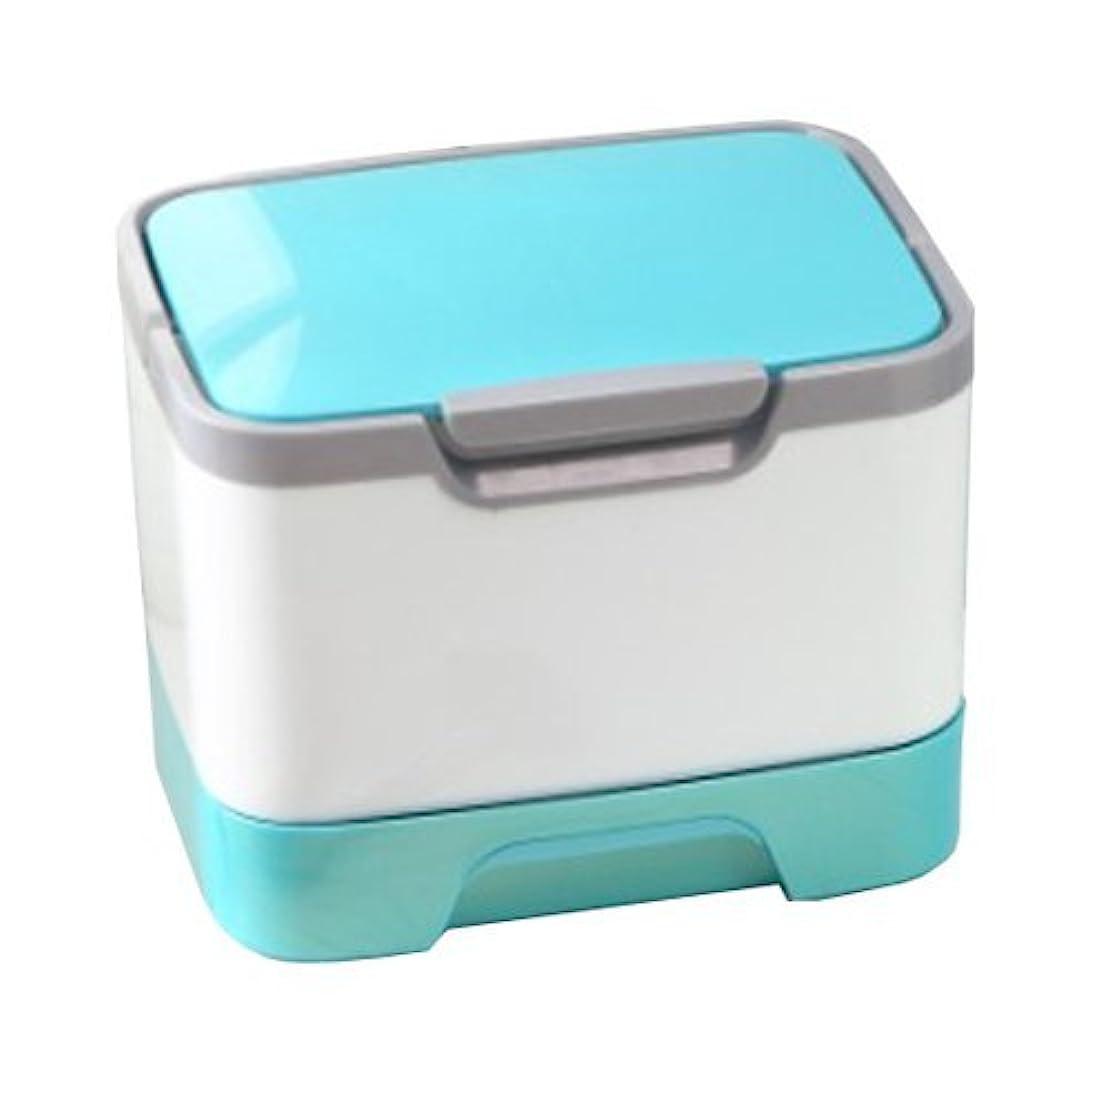 サッカー水差しメダリストメイクボックス 大容量 かわいい 鏡付き プロも納得 コスメの収納に (ピンク、ブルー、グリーン)